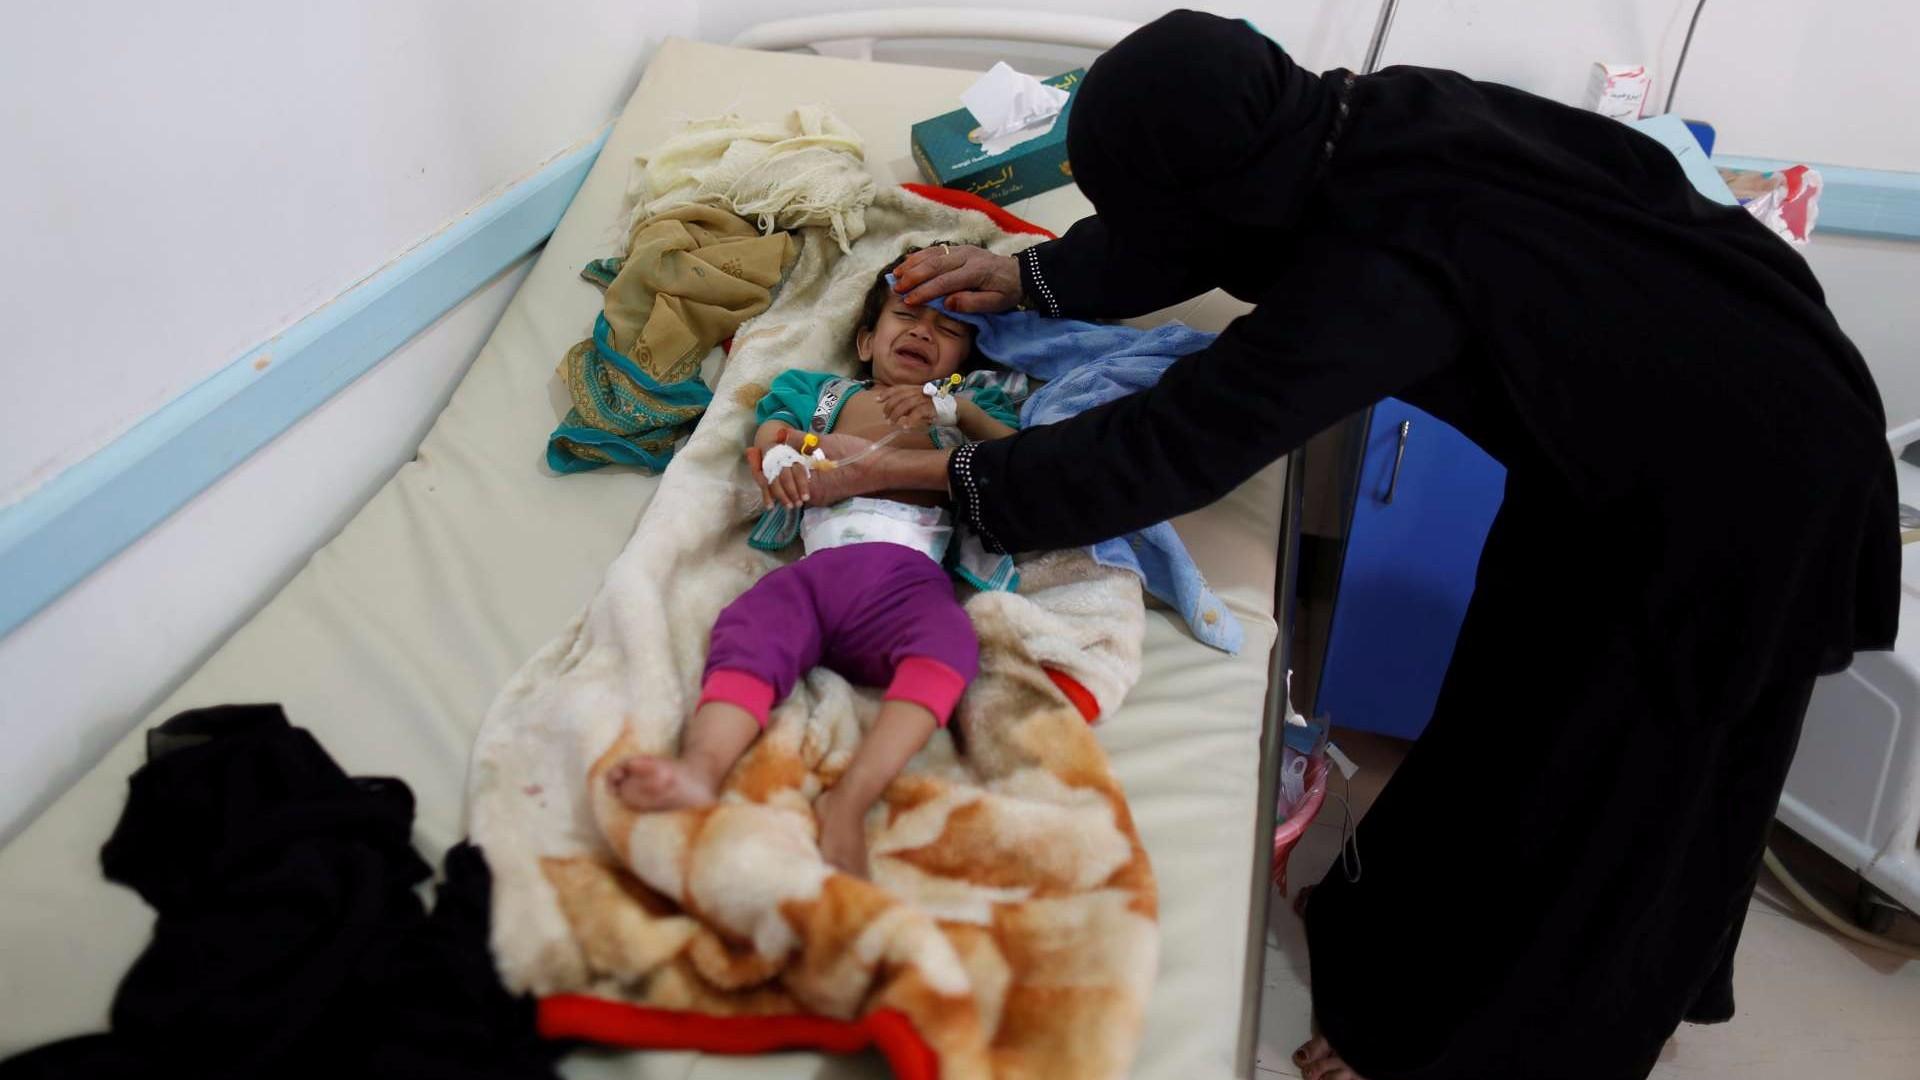 Al menos 193 menores han muerto de cólera en Yemen en lo que va de año